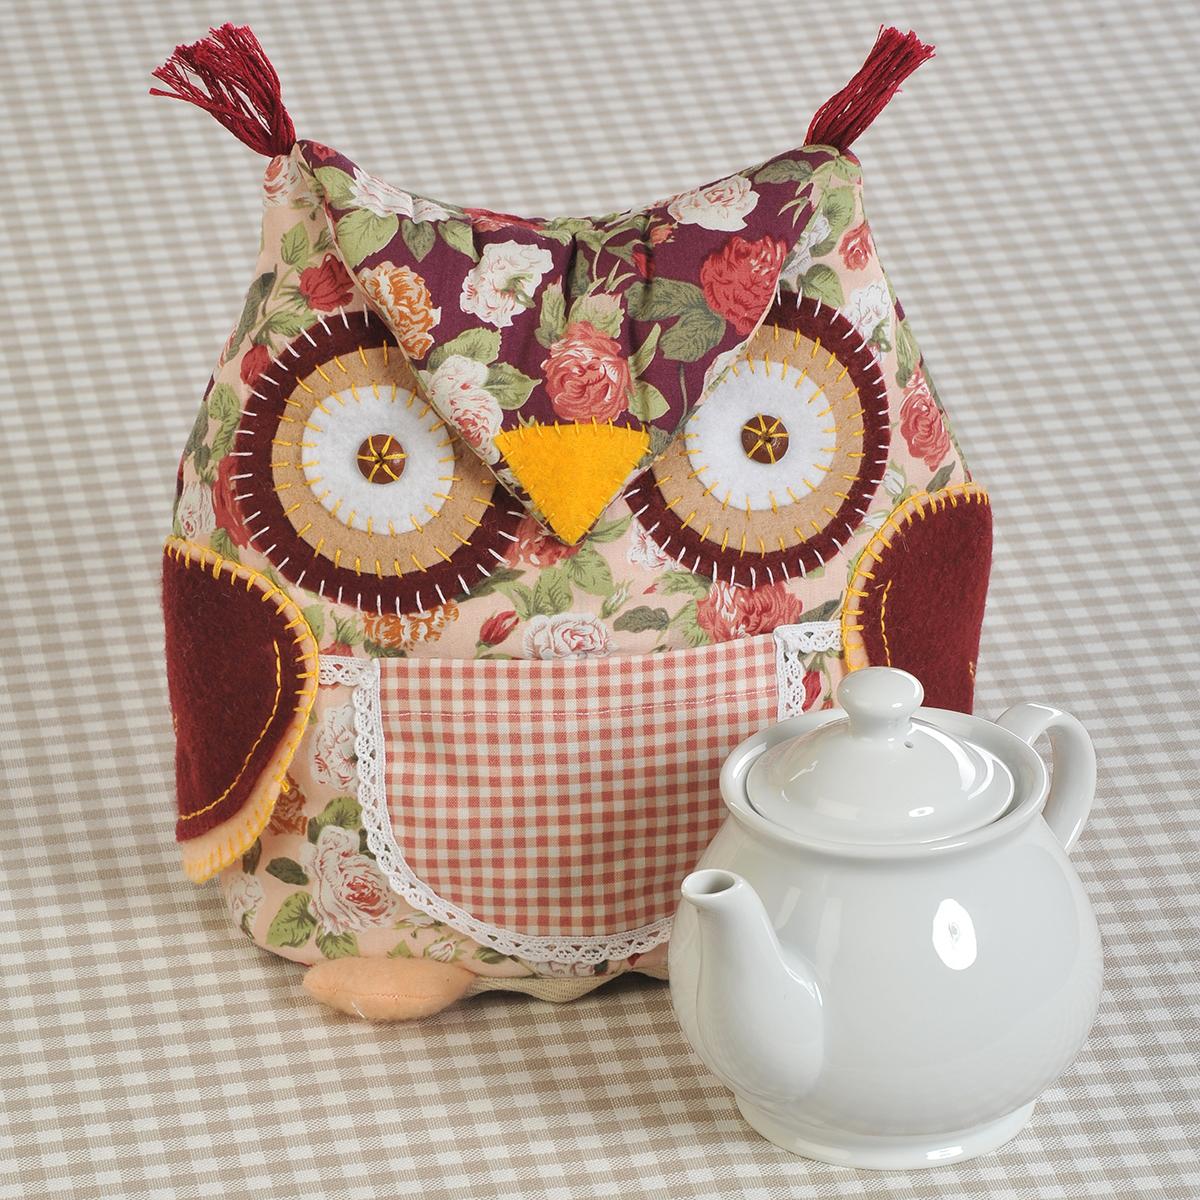 """Набор для создания игрушки Перловка """"Сова-Грелка"""" поможет создать удивительно красивую грелку на чайник, которая будет радовать вас и ваших близких. Состав набора: - 100% натуральный хлопок (производство России и Европы), - фетр, - кружевная тесьма, - нитки для вышивания и декорирования, - деревянные бусины,- листы с выкройками персонажа, - подробная инструкция по изготовлению игрушки. Дополнительно вам понадобится: синтепон или синтепух. С таким набором куклы и игрушки ручной работы создавать очень просто. Игрушка отлично подходит для украшения интерьера или для коллекции, а также в качестве подарка. Высота на чайник: 21 см. Диаметр основания: 56 см."""